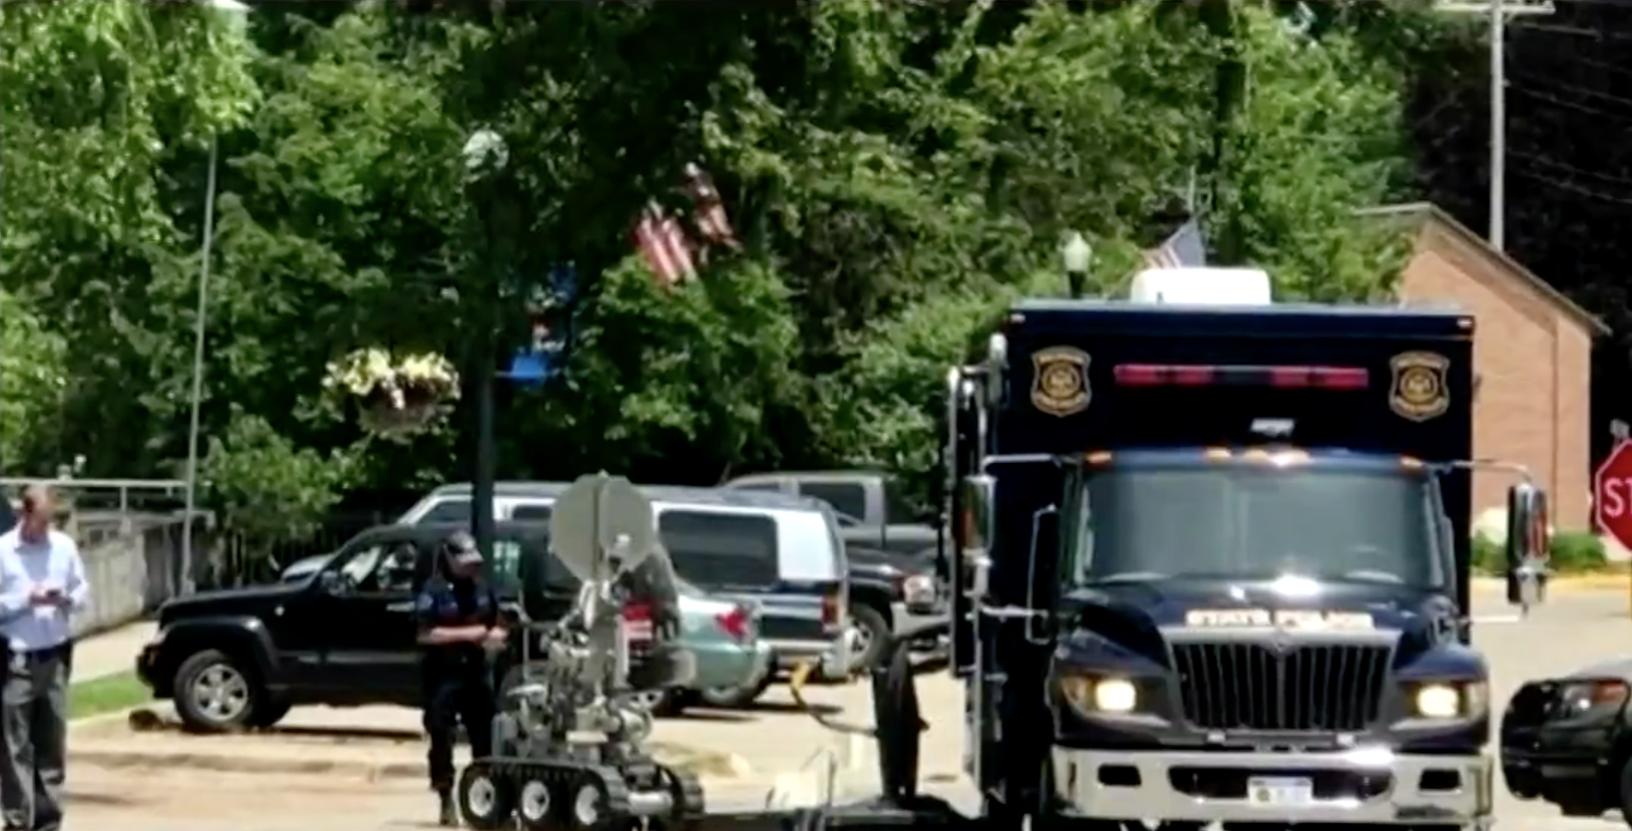 La policía de Plainwell, en Michigan, usó un robot para examinar la mochila usada por Donnelly en el robo al banco, pero en vez de bomba sólo había ropa vieja